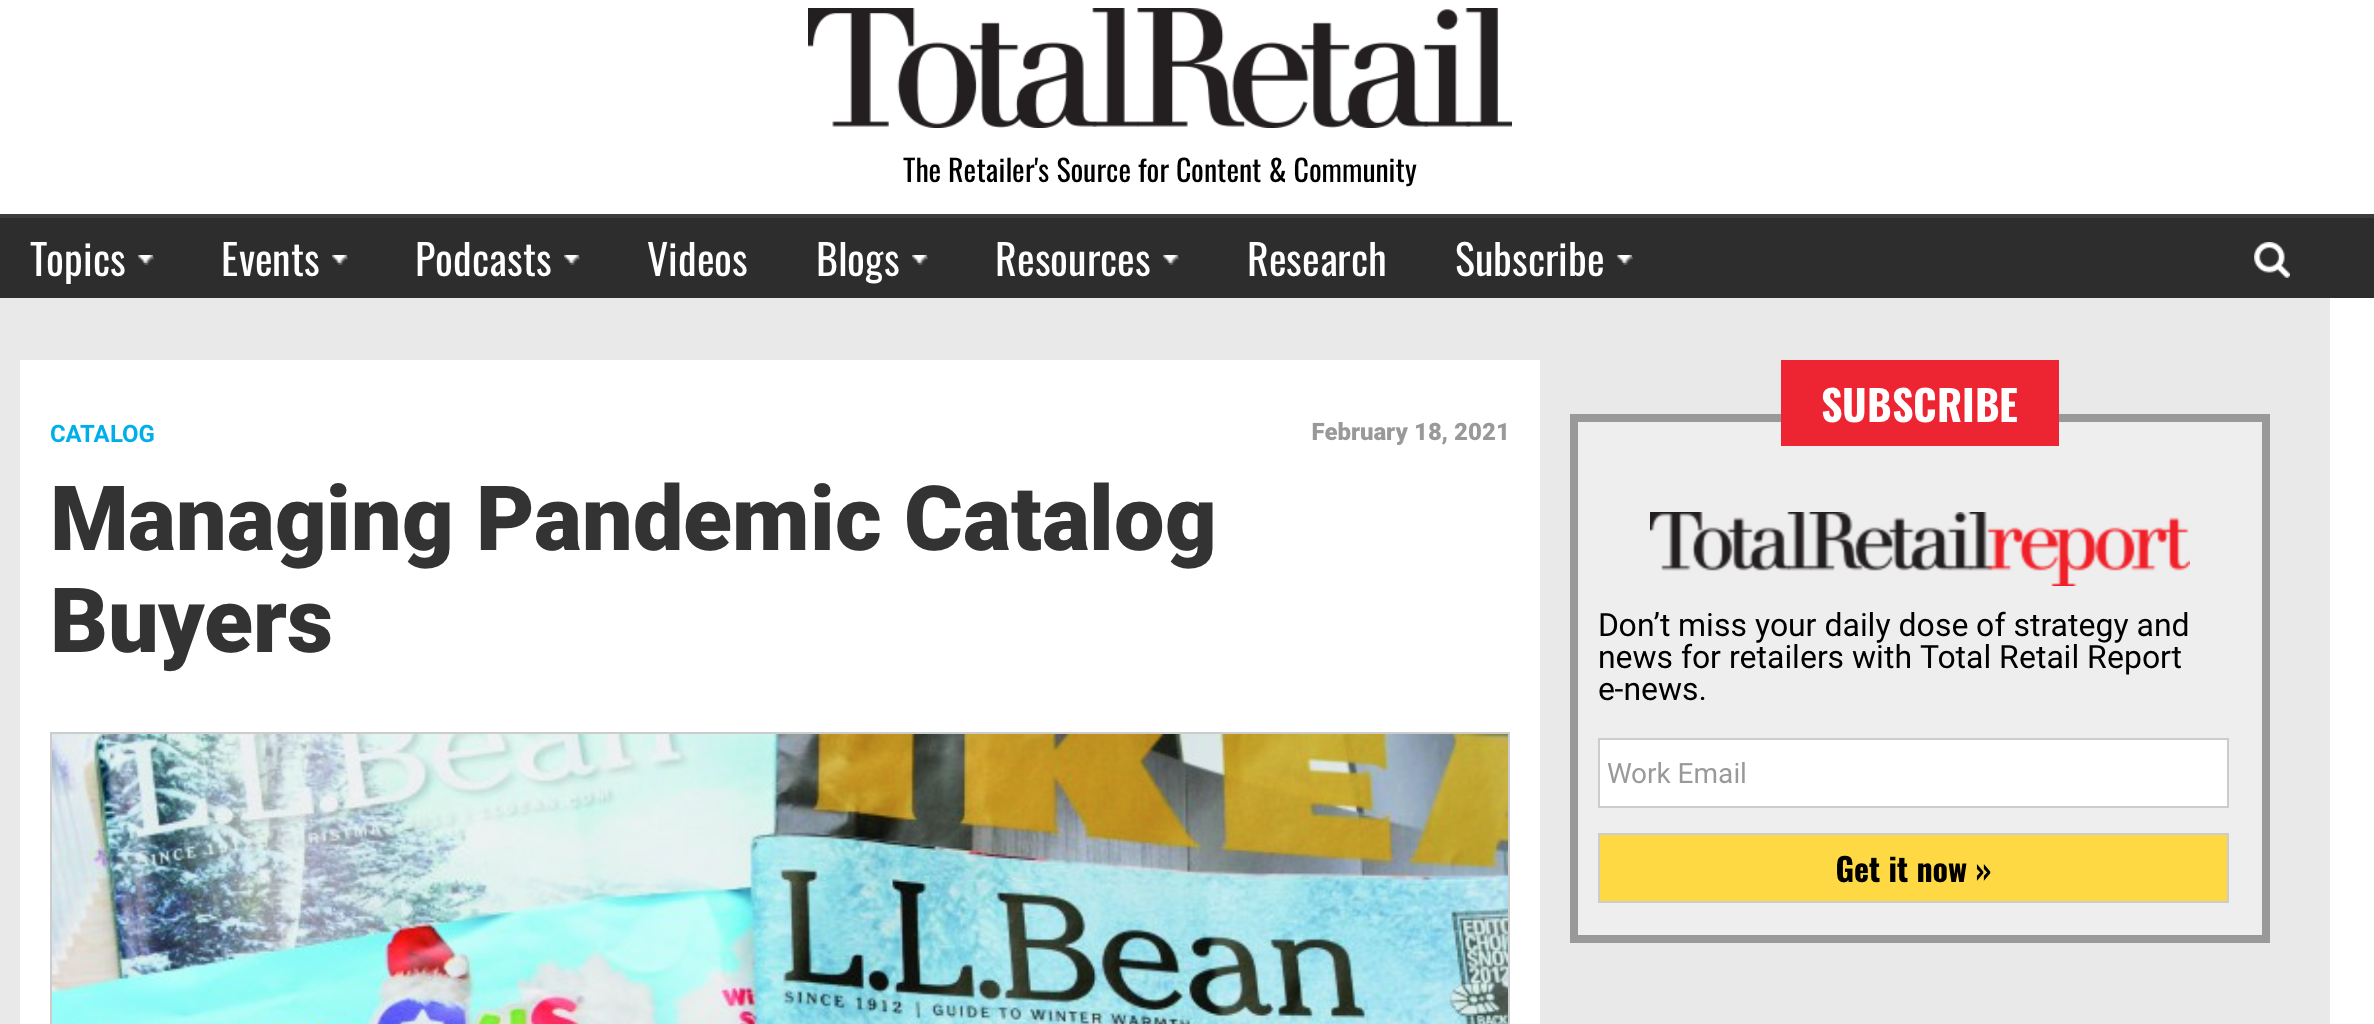 Managing Pandemic Catalog Buyers